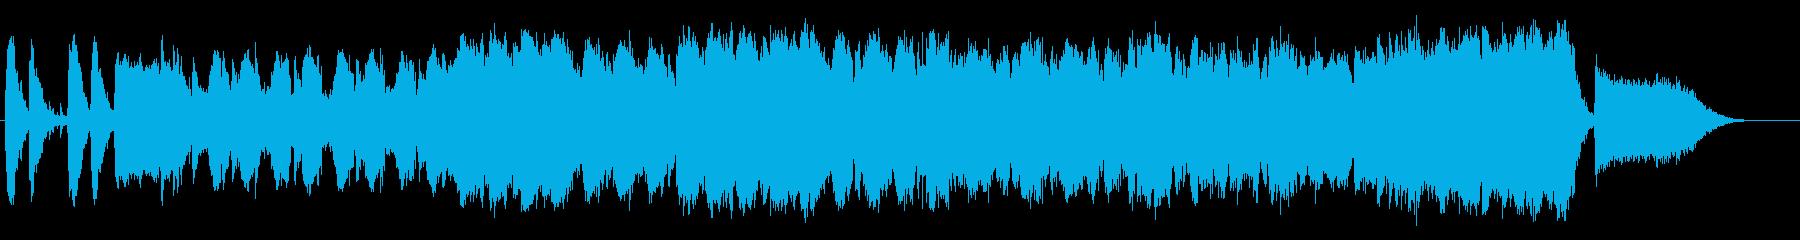 ハラハラするスパイ映画風BGMの再生済みの波形